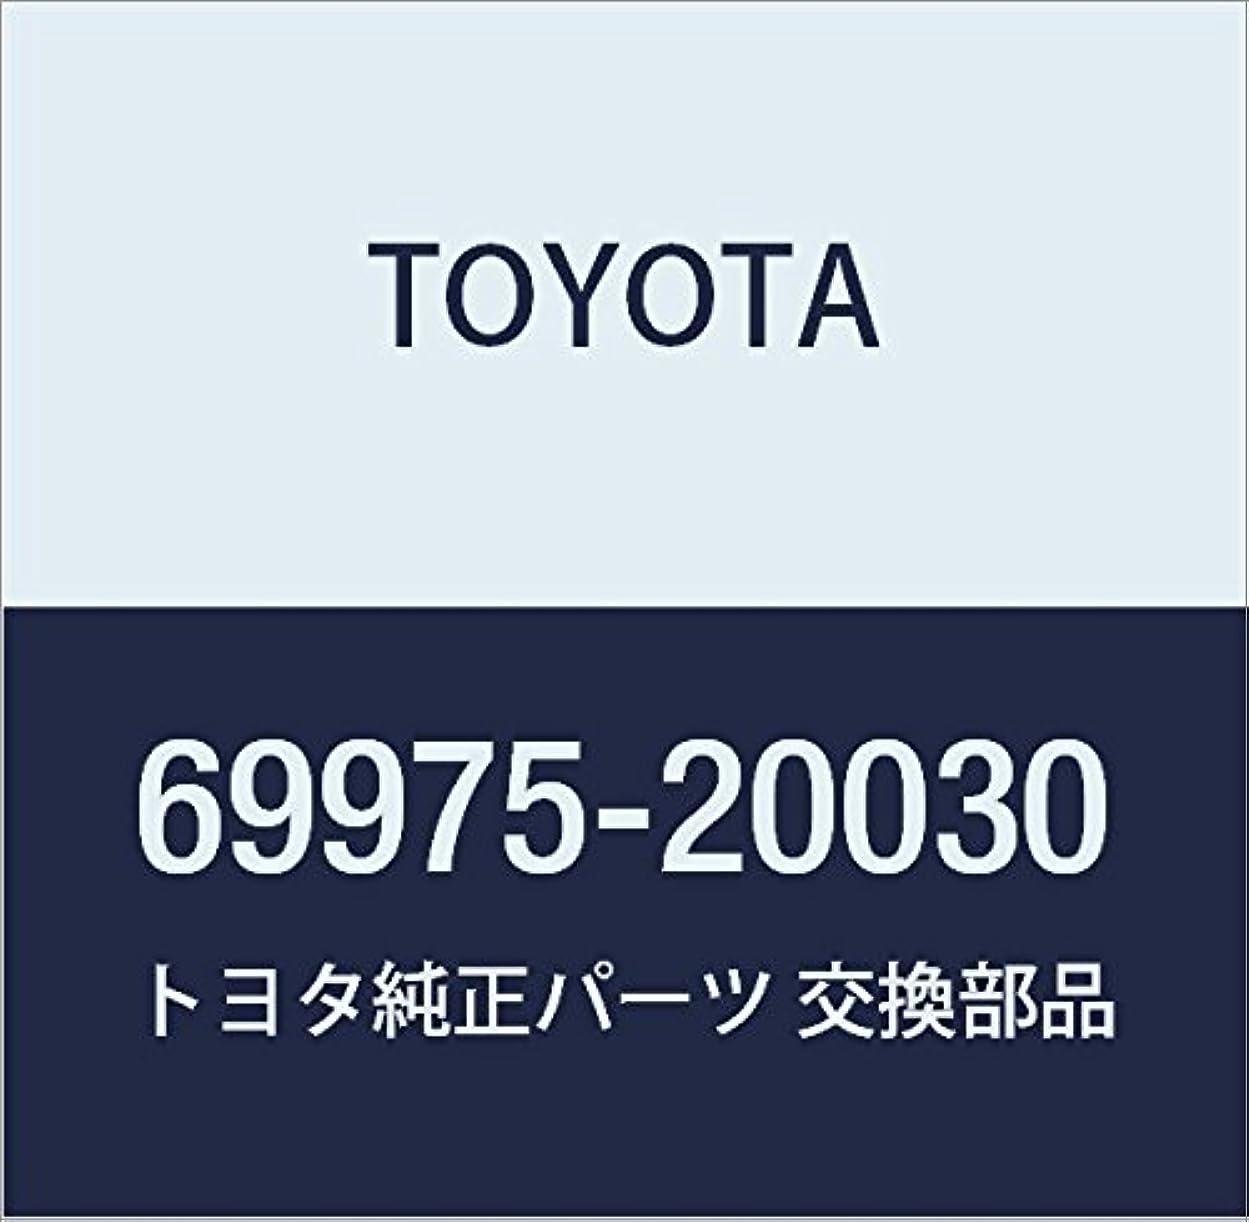 バッチ混沌リテラシーTOYOTA (トヨタ) 純正部品 リヤドアガラスチャンネル フィラ 品番69975-20030